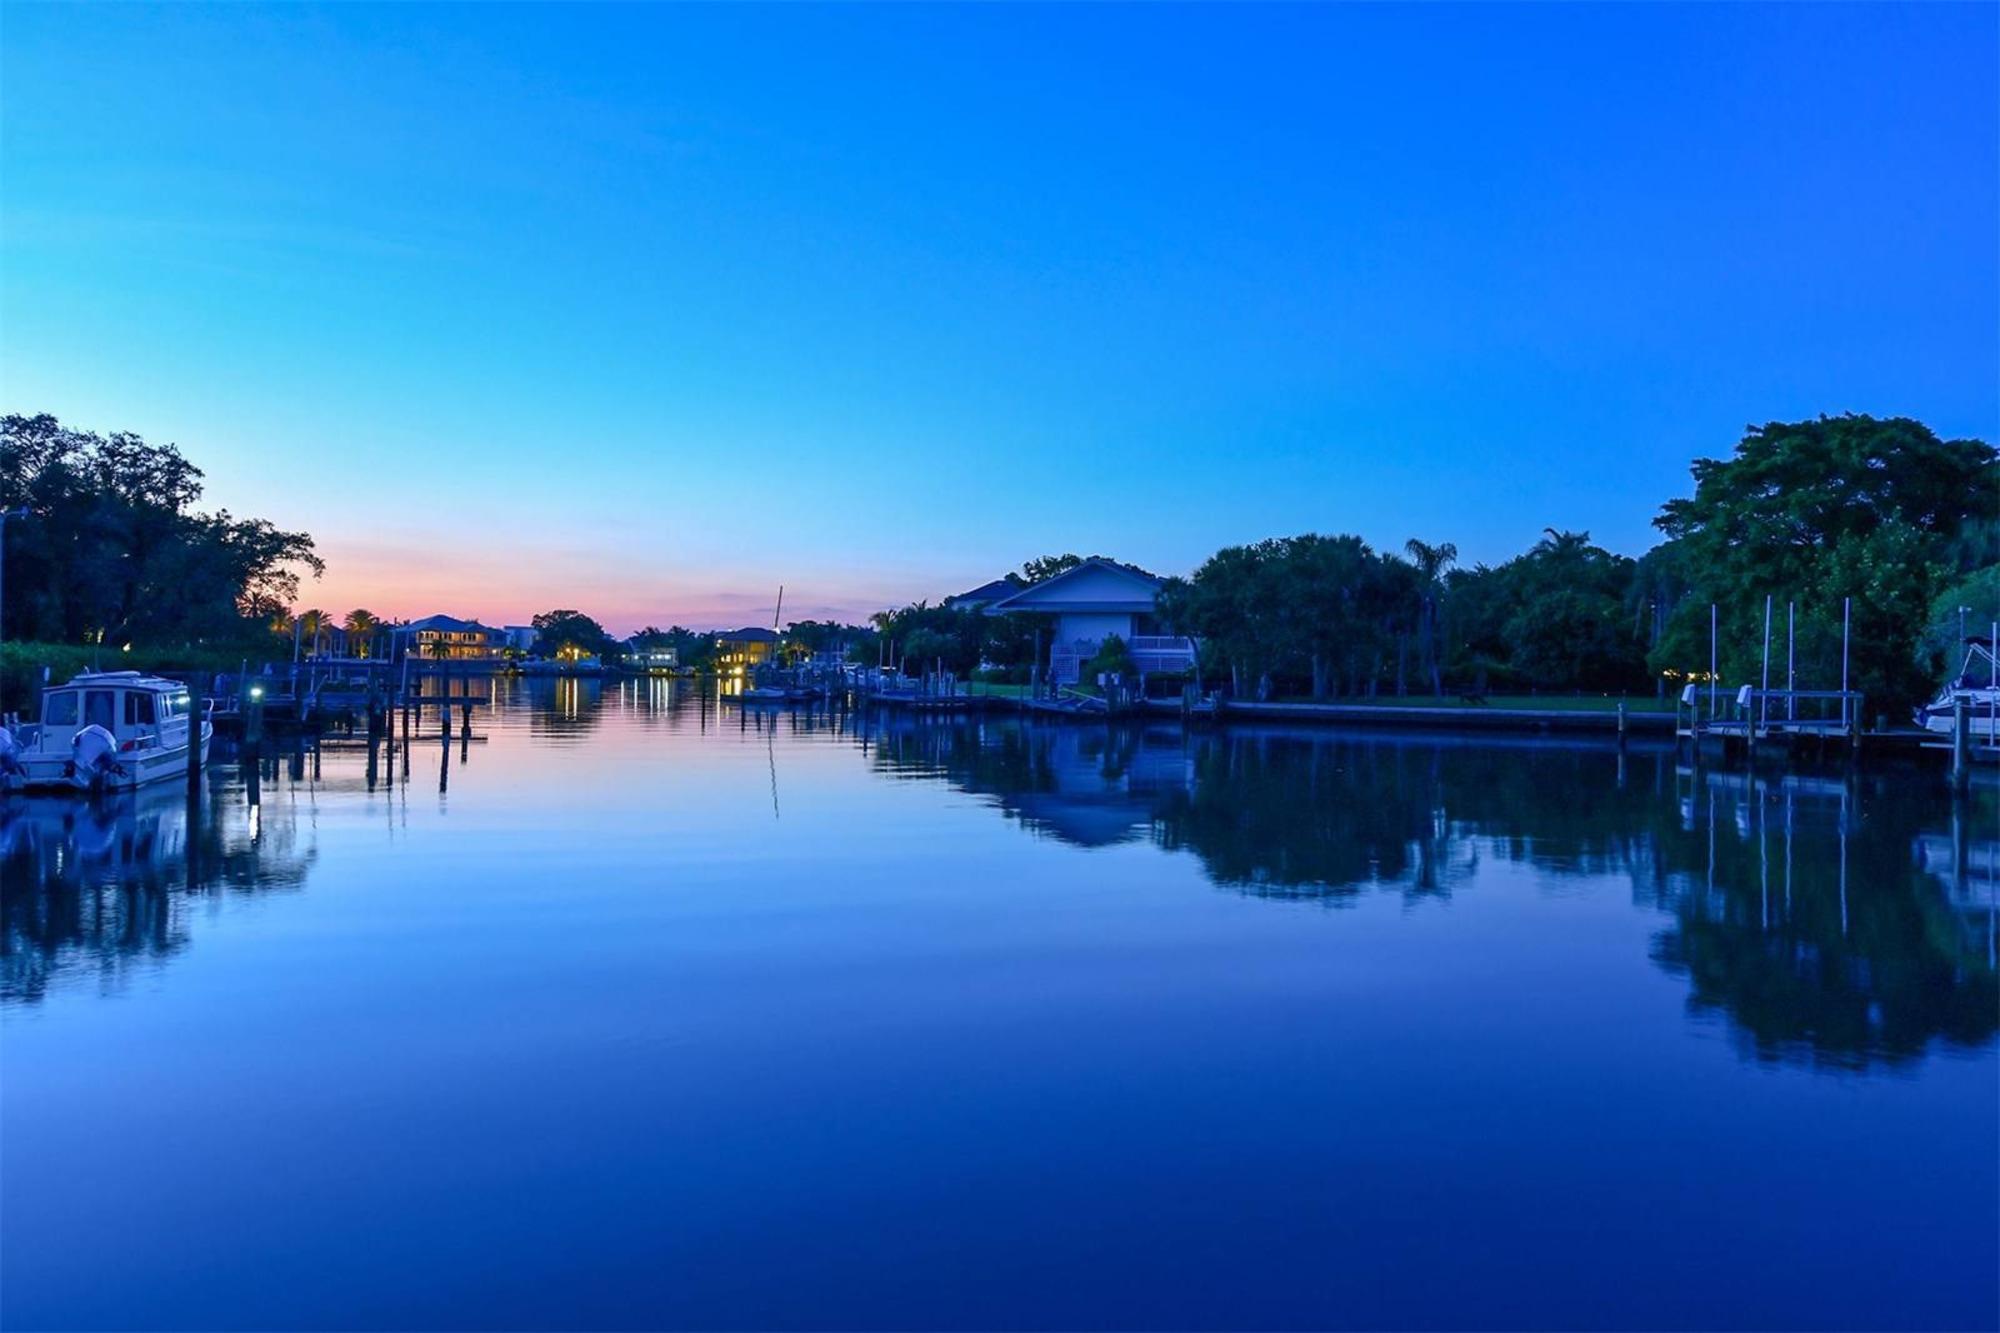 HARBOR ACRES IN FLORIDA